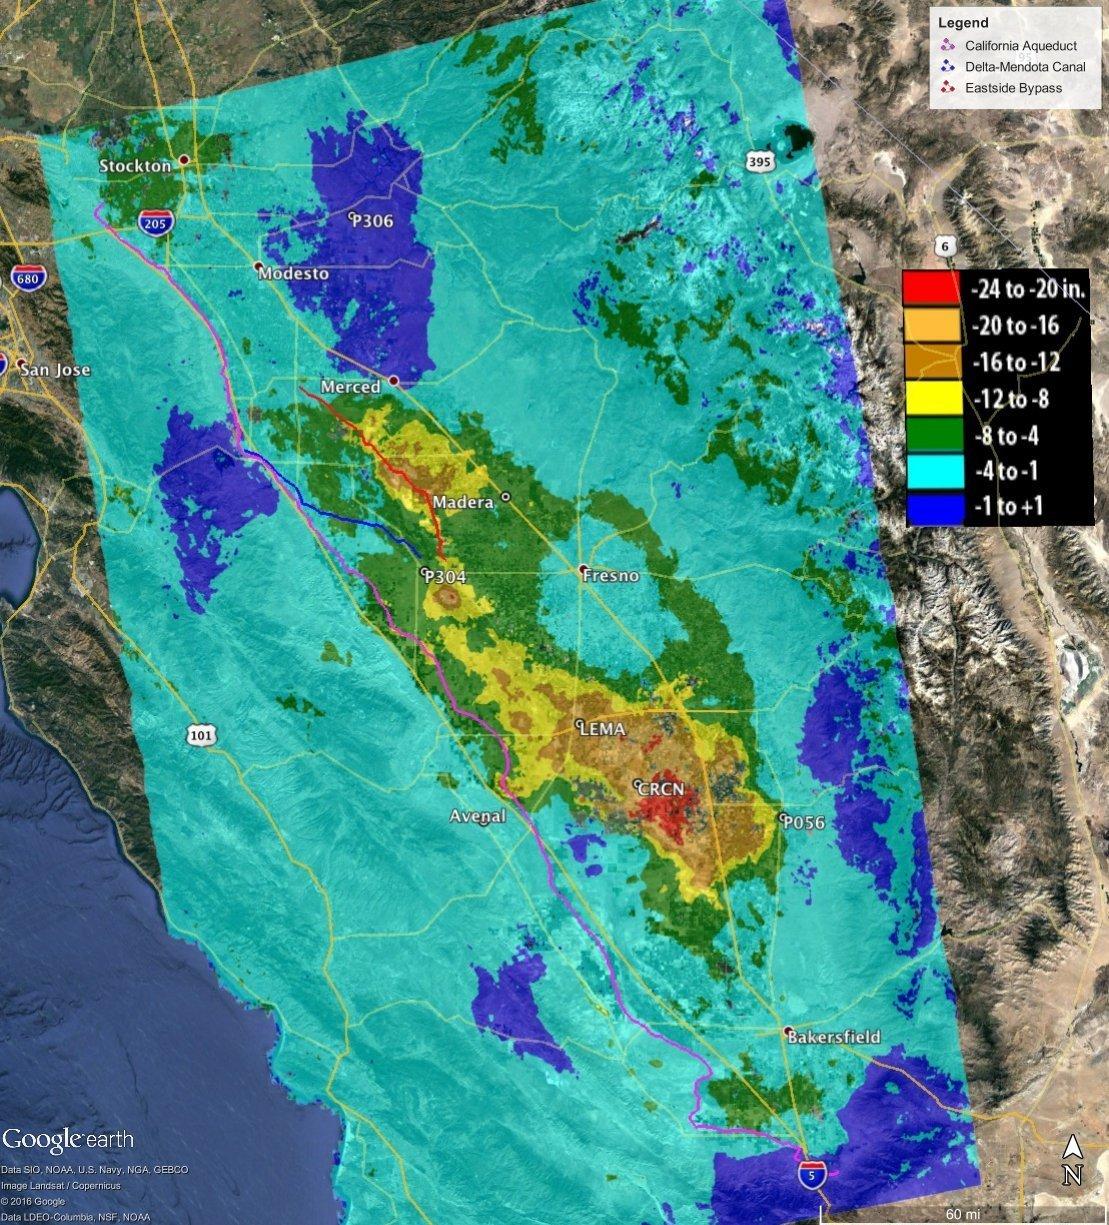 Hundimiento total en el valle de San Joaquín en California.